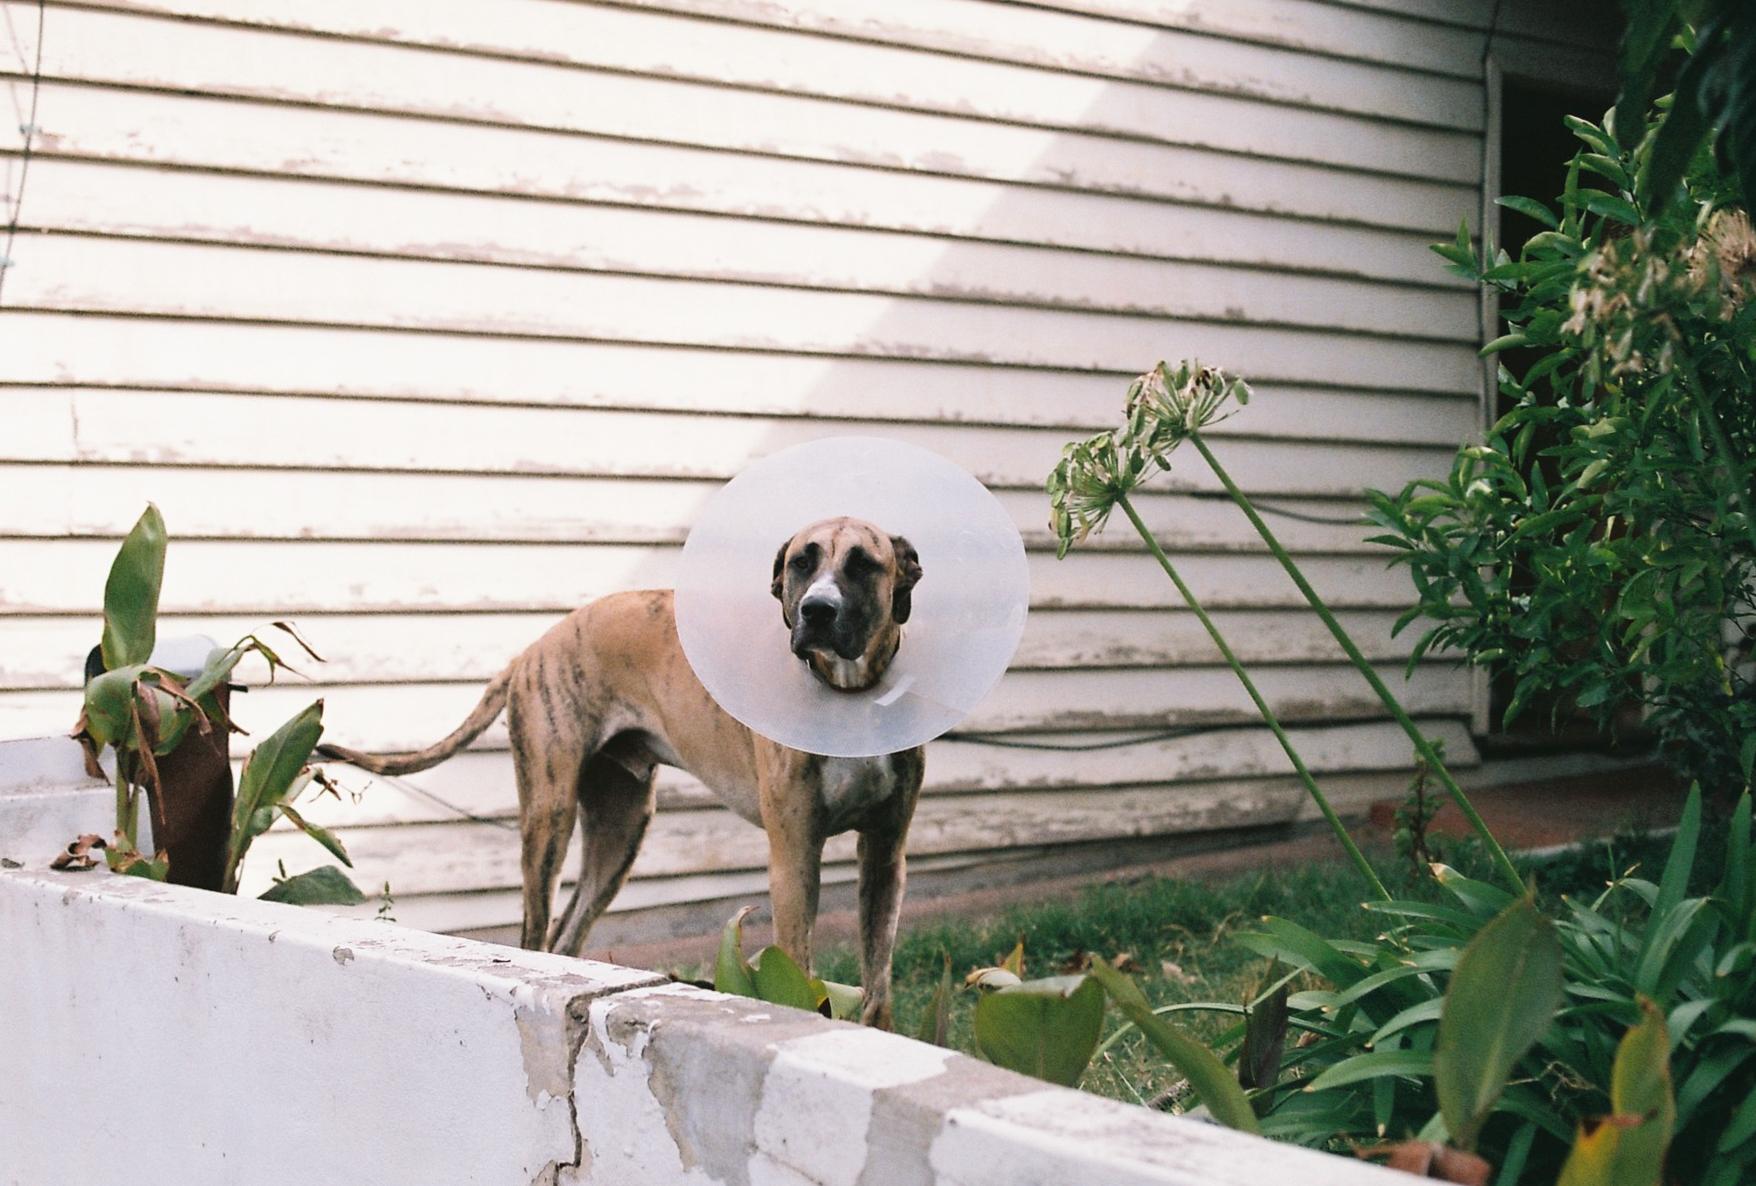 photography suburb melbourne dog garden doggo